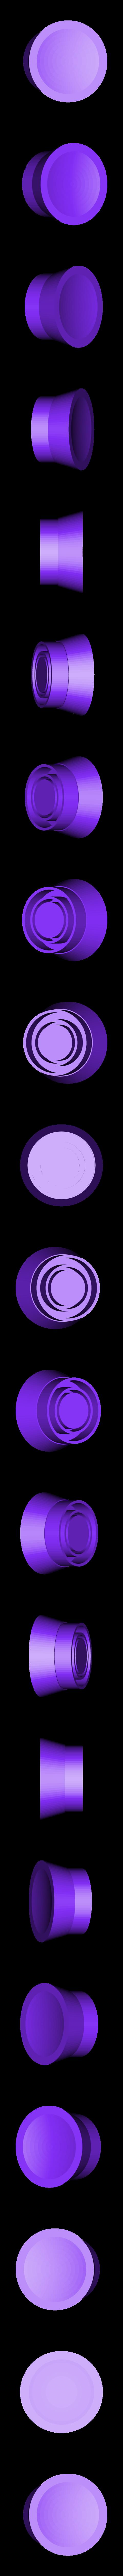 cap (1).stl Télécharger fichier STL gratuit 629's spinner • Plan imprimable en 3D, bda